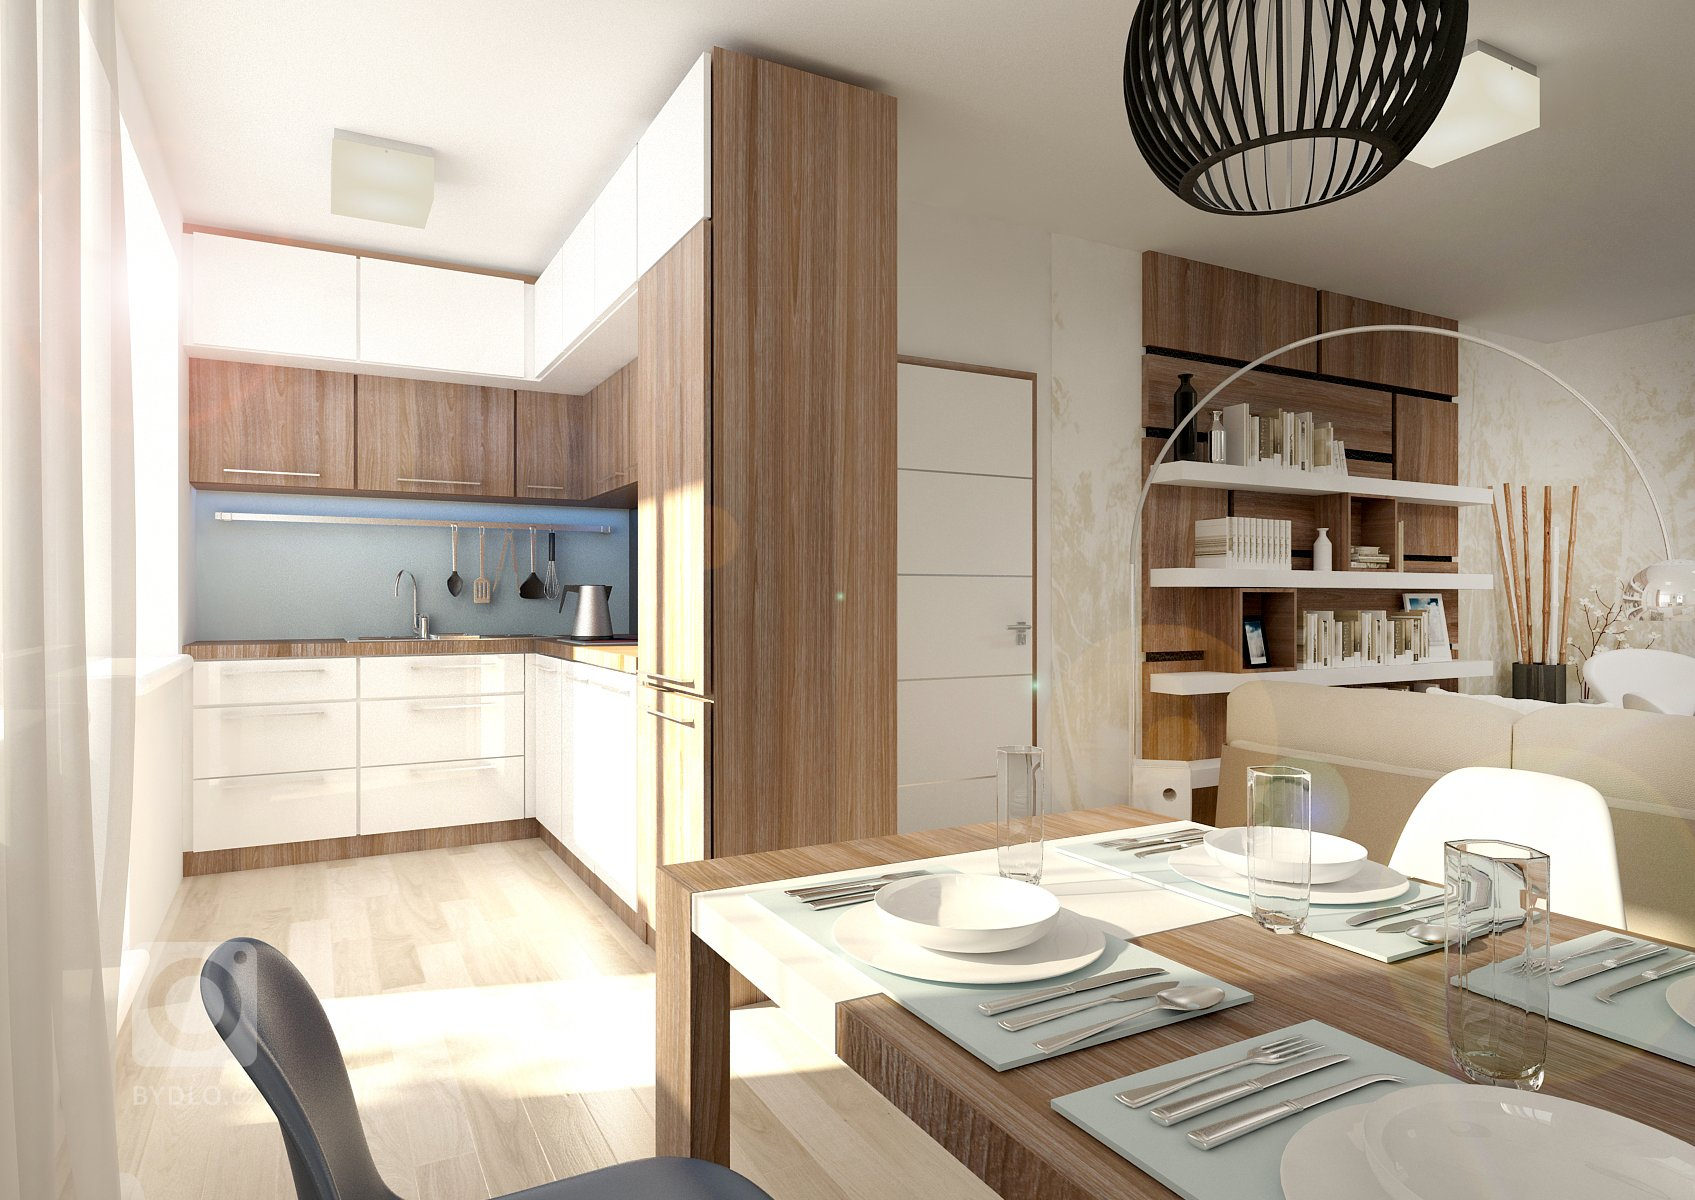 Komplet návrh bytu 2+kk . Vinteriéru se střídá světlý dřevodekor na vinylové podlaze stmavším na nábytku. Dominantou obývacího pokoje jsou výrazné…